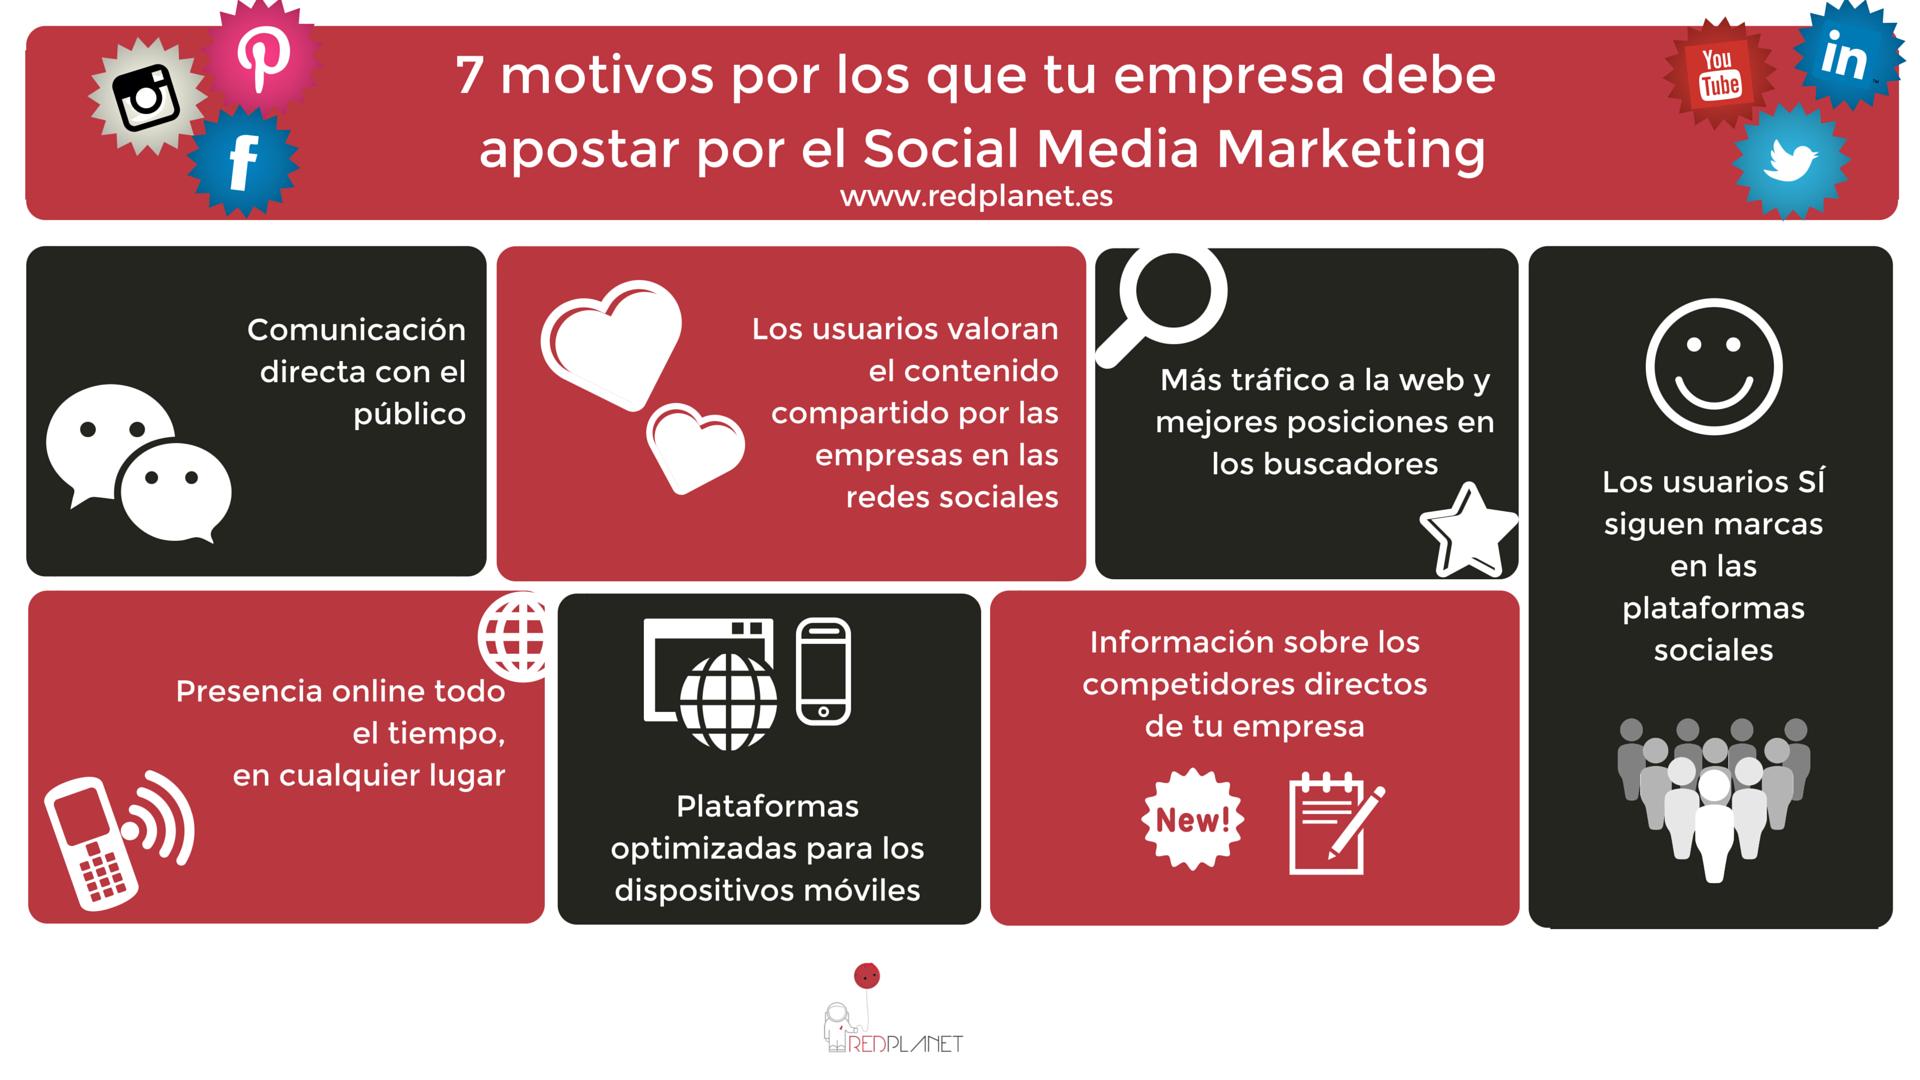 Infografía Beneficios Redes Sociales para Empresas